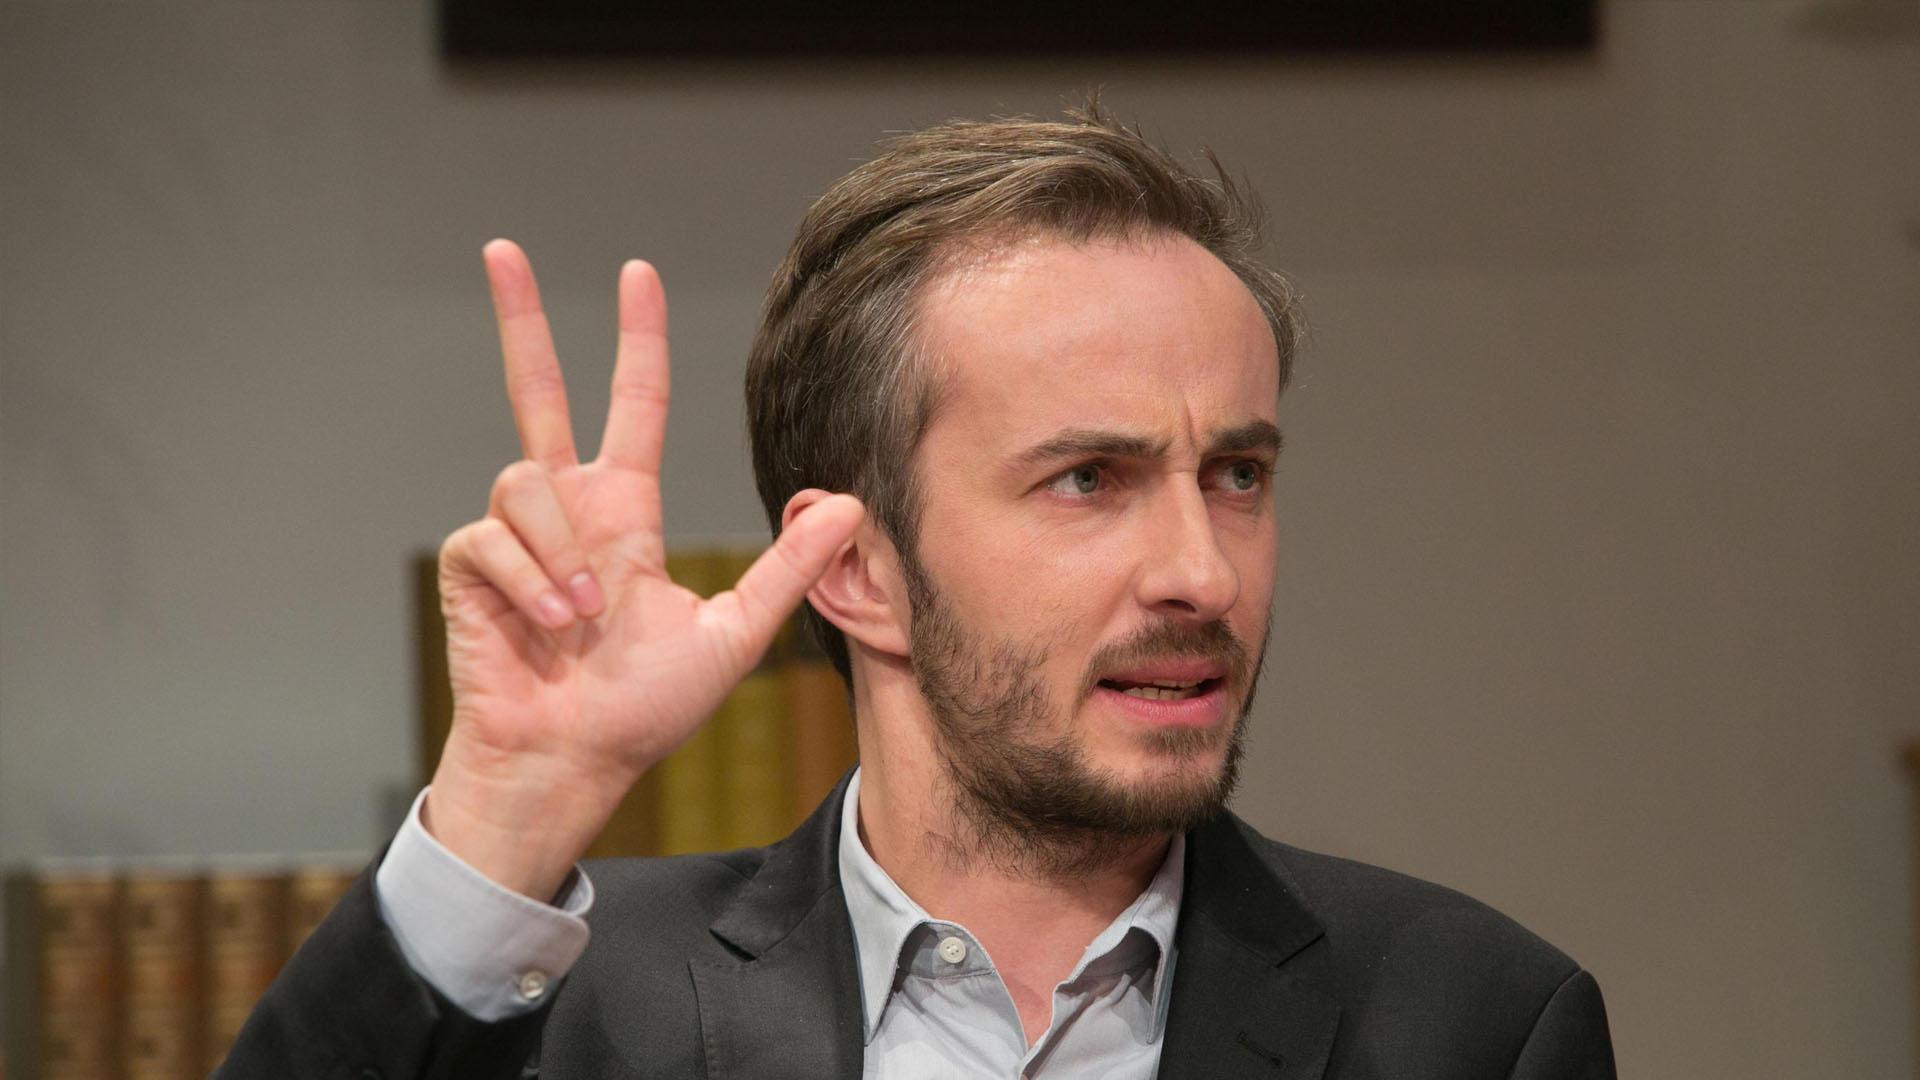 Jan Böhmermann fue demandado por el presidente de Turquía, Recep Tayipp Erdogan, por un poema satírico